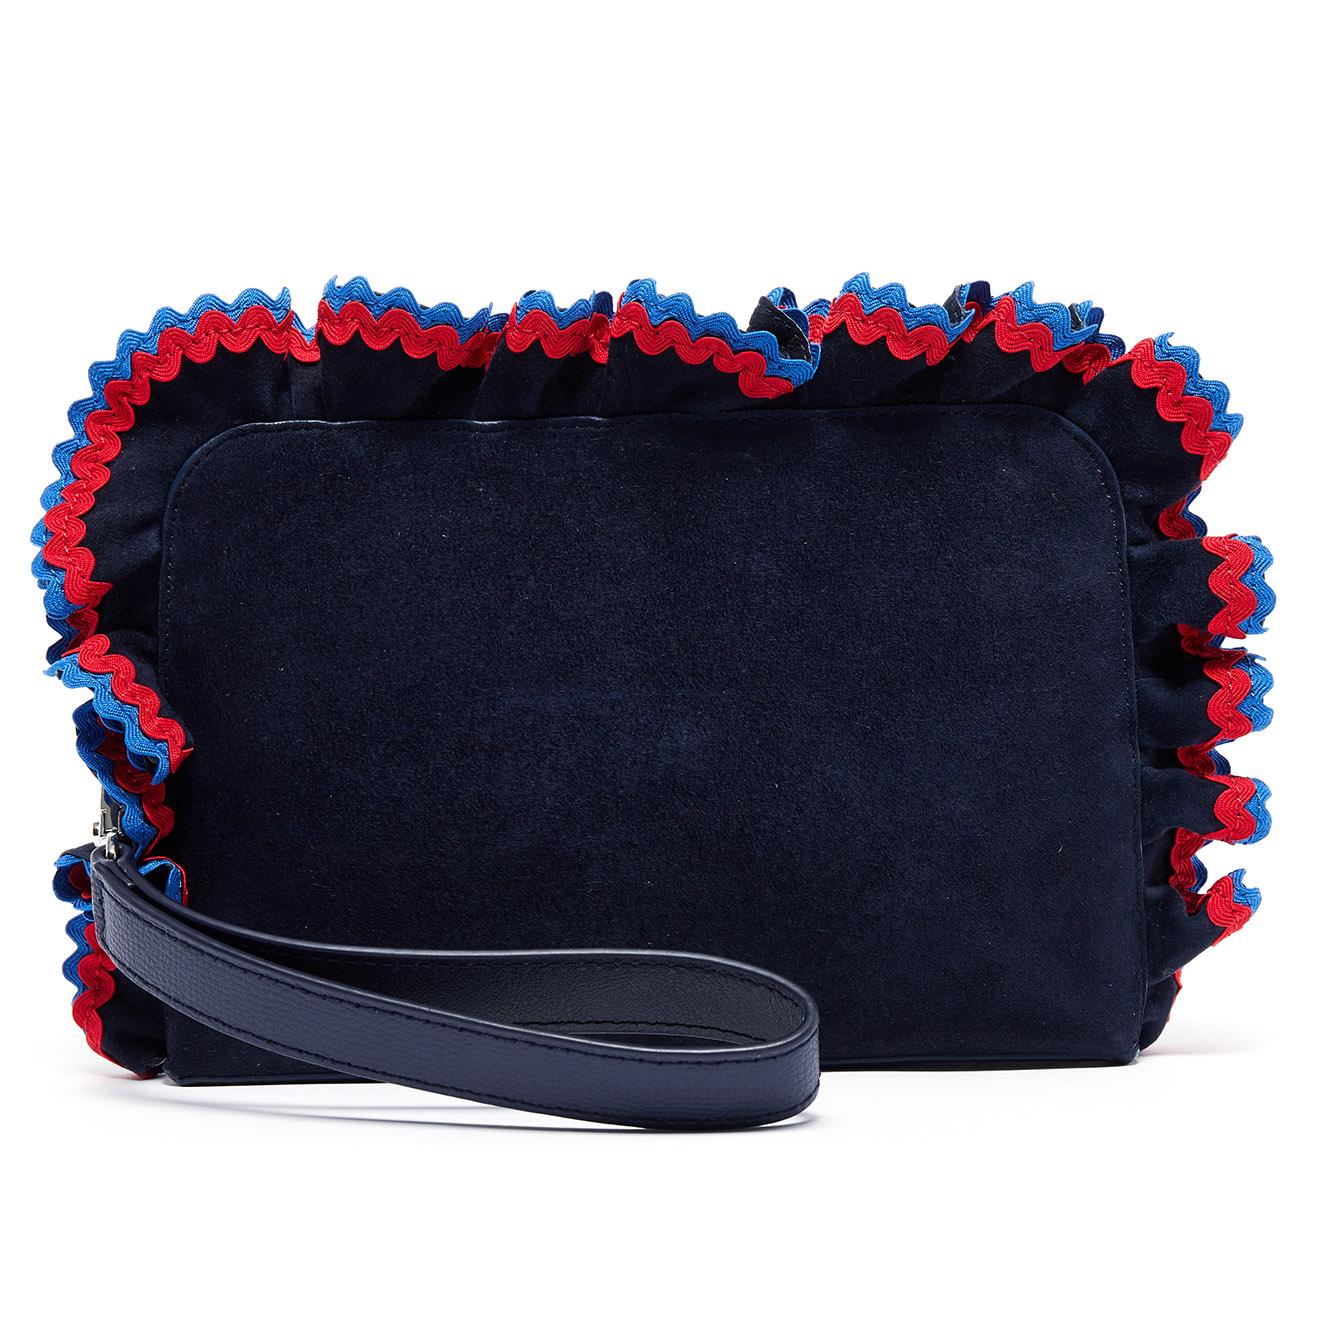 Pochette en Velours de cuir bleue - 27.5x17x3.5 cm